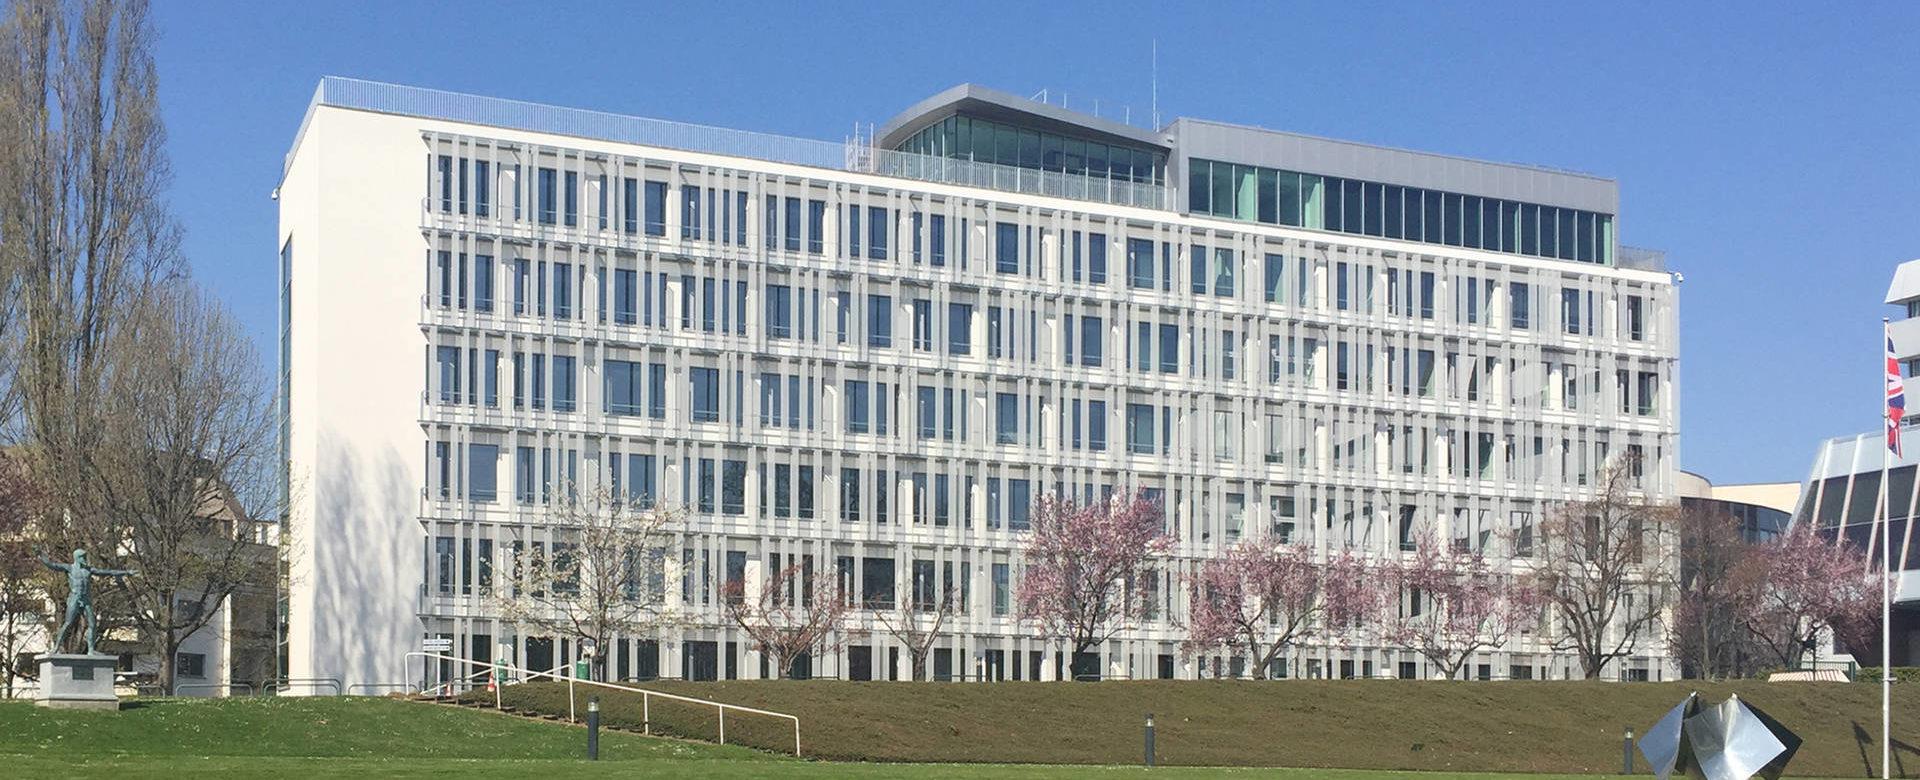 bâtiment václav havel – parlement européen